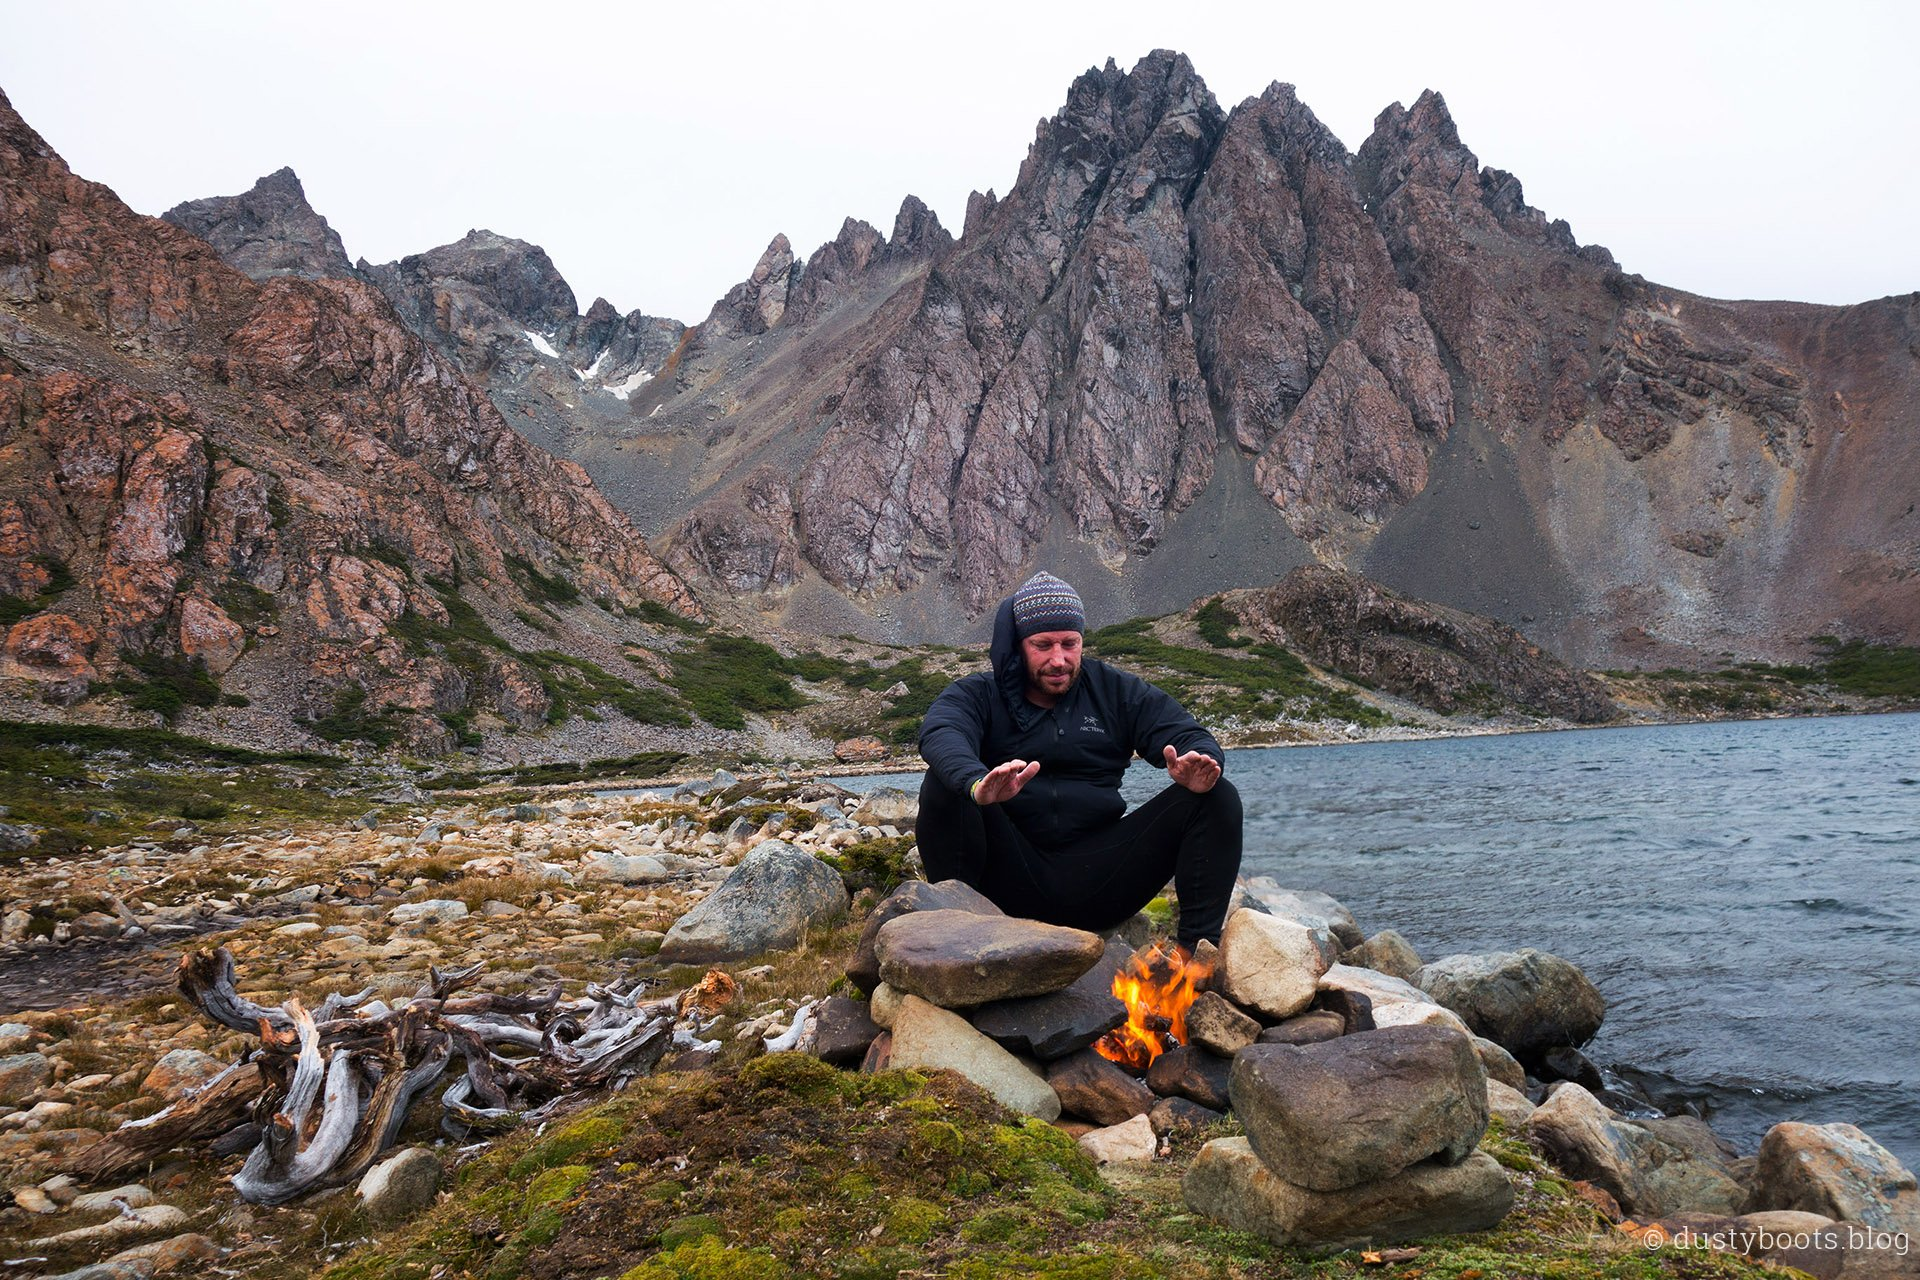 Ein kleines Lagerfeuer macht das Abenteuer-Feeling perfekt